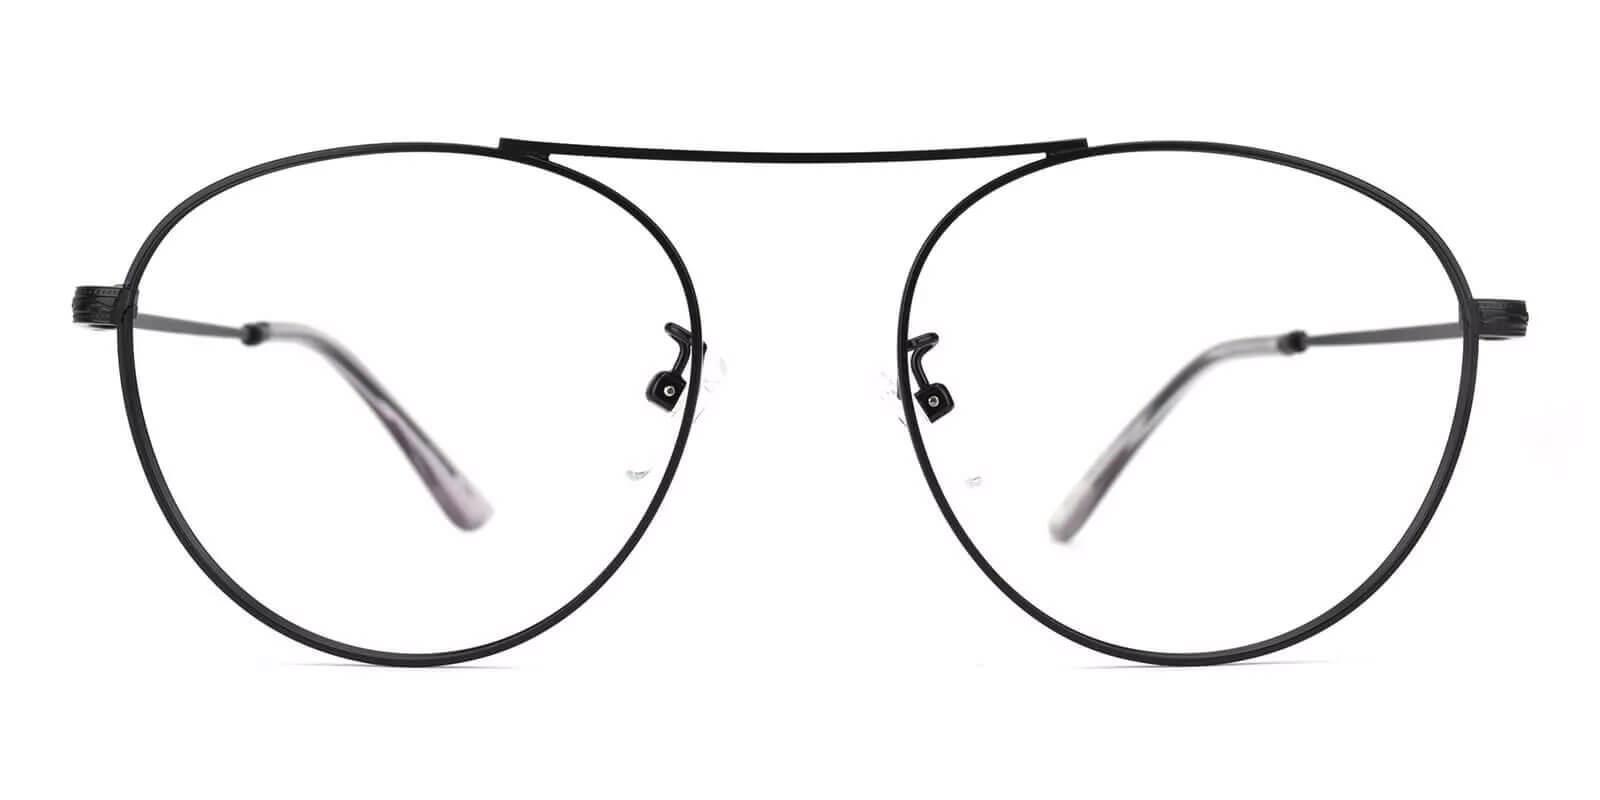 Chloe Black Metal Eyeglasses , NosePads Frames from ABBE Glasses